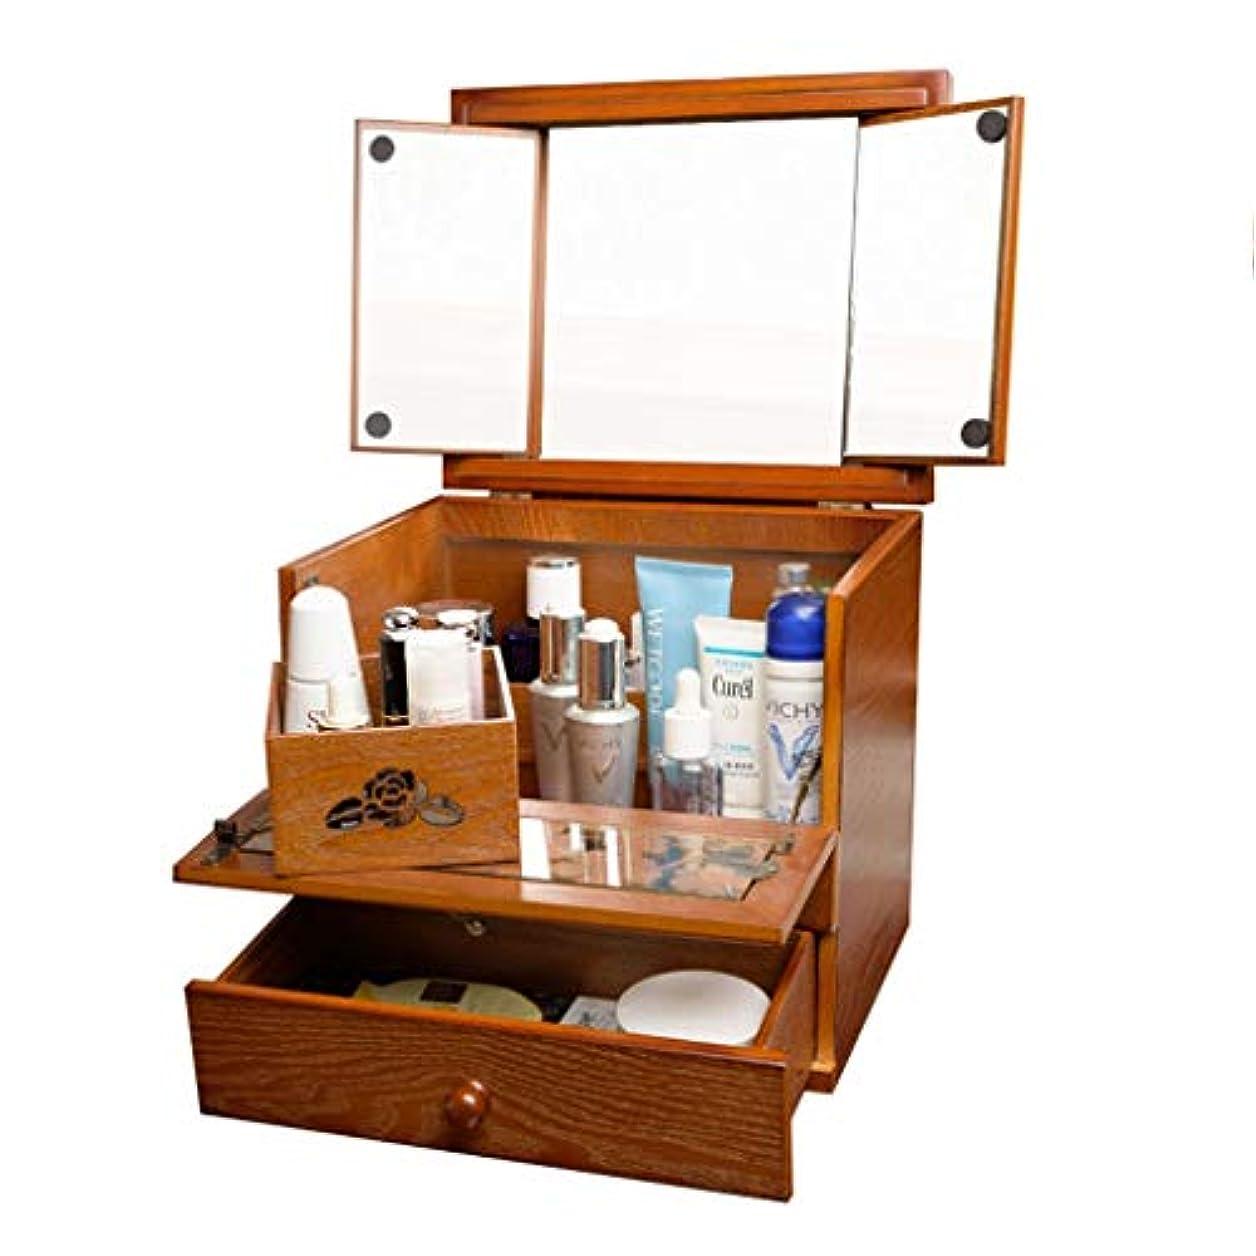 黒石灰岩デコラティブ家庭用化粧品収納ボックス木製大容量化粧品ボックス小さな化粧台ミラー付き (Color : BROWN, Size : 27.5X22.5X32.5CM)